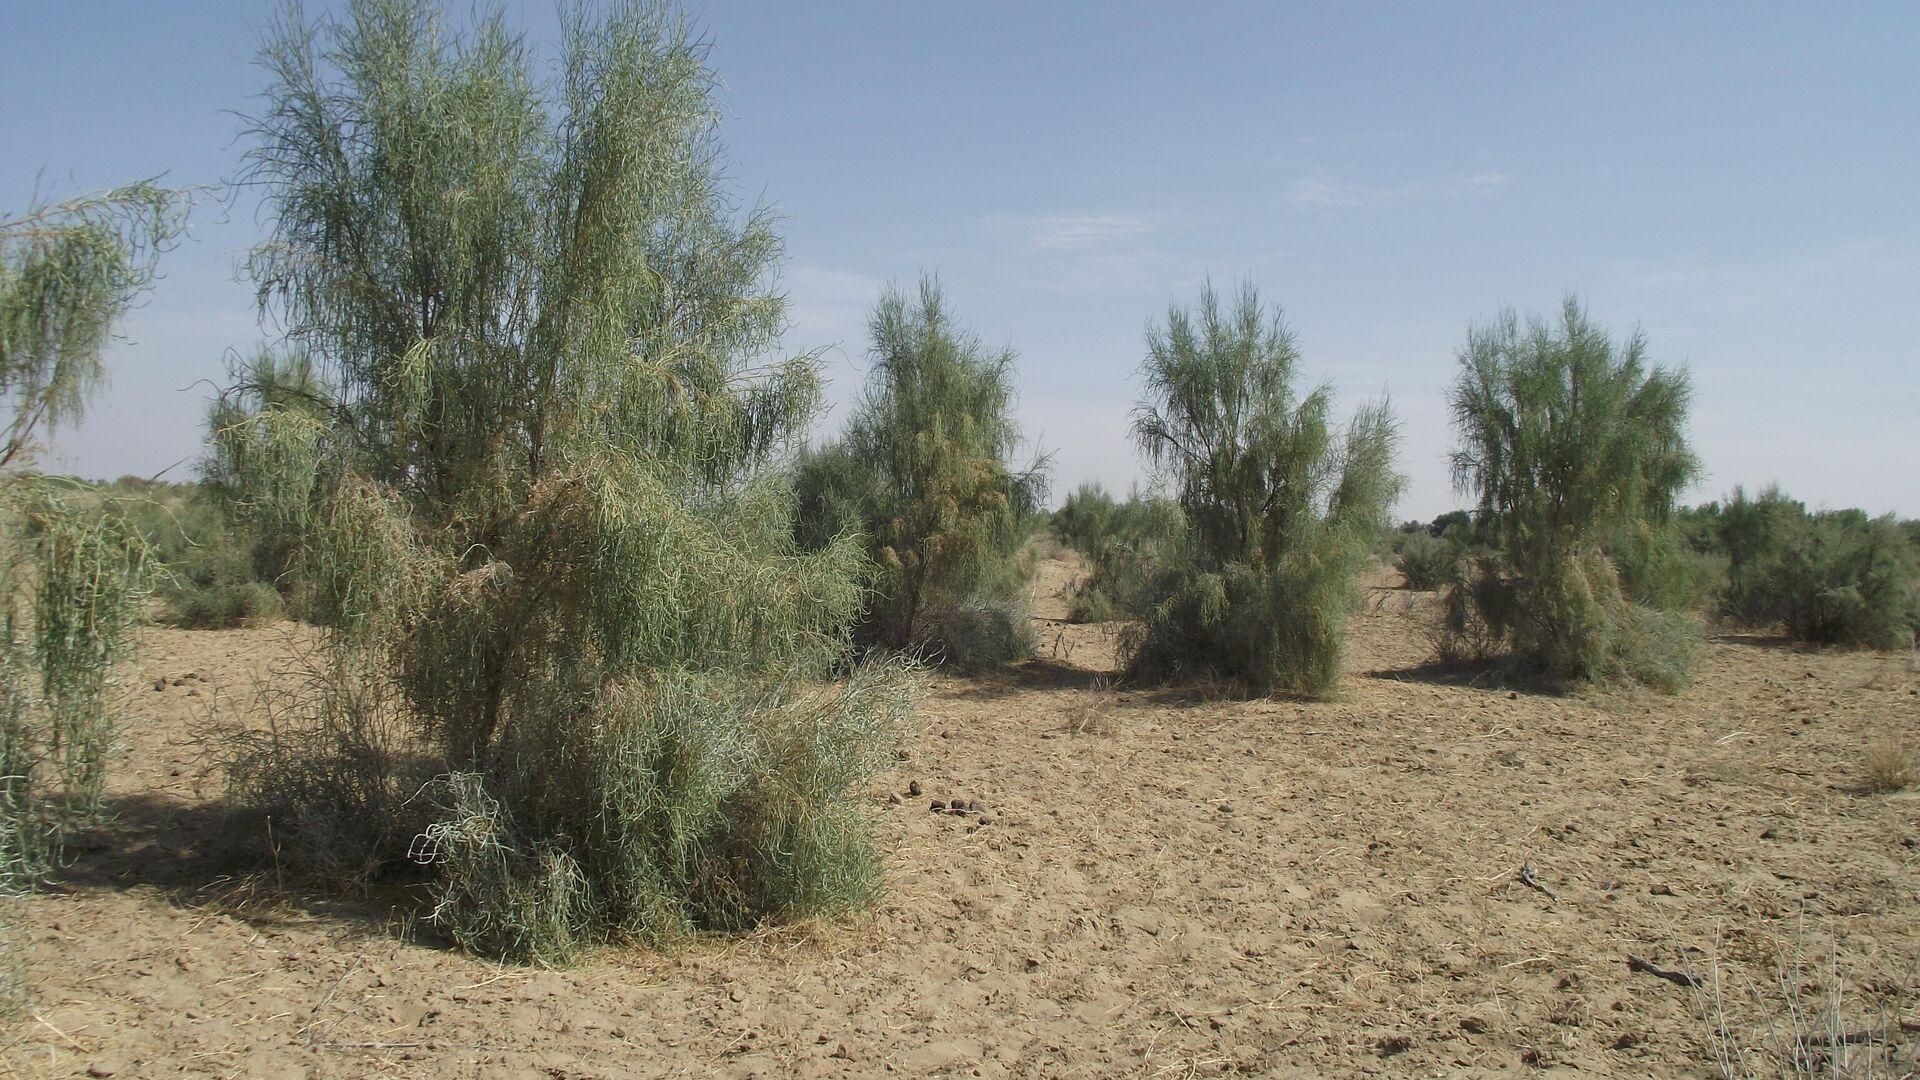 В Узбекистане может появится новая пустыня - Sputnik Узбекистан, 1920, 11.10.2021